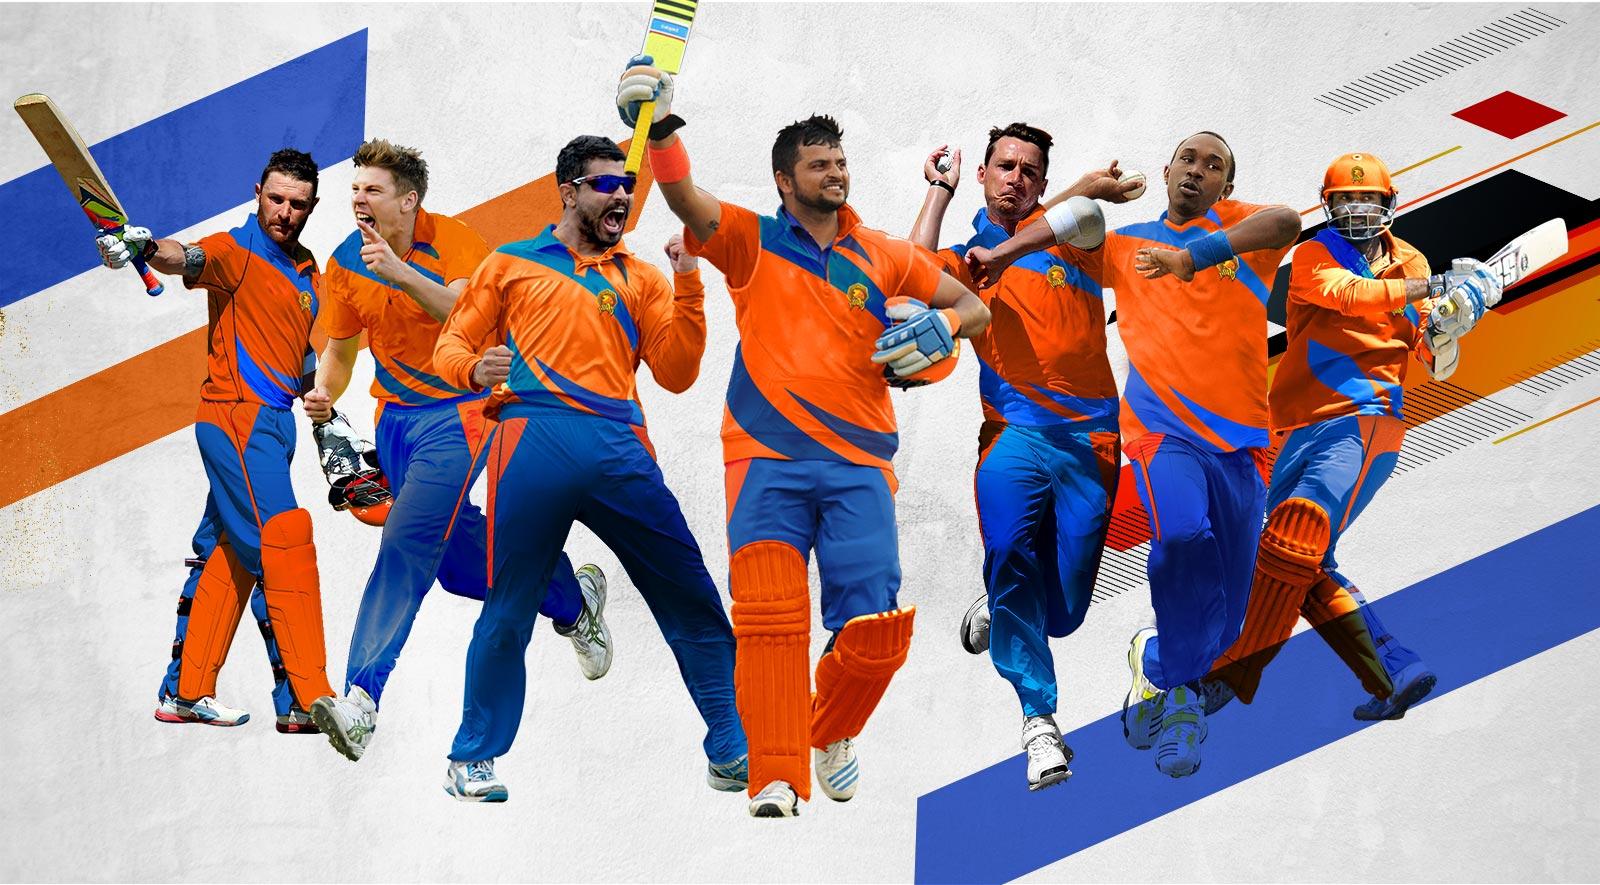 आईपीएल शुरू होने से पहले जाने कितनी मजबूत और कमजोर है गुजरात लायंस 12